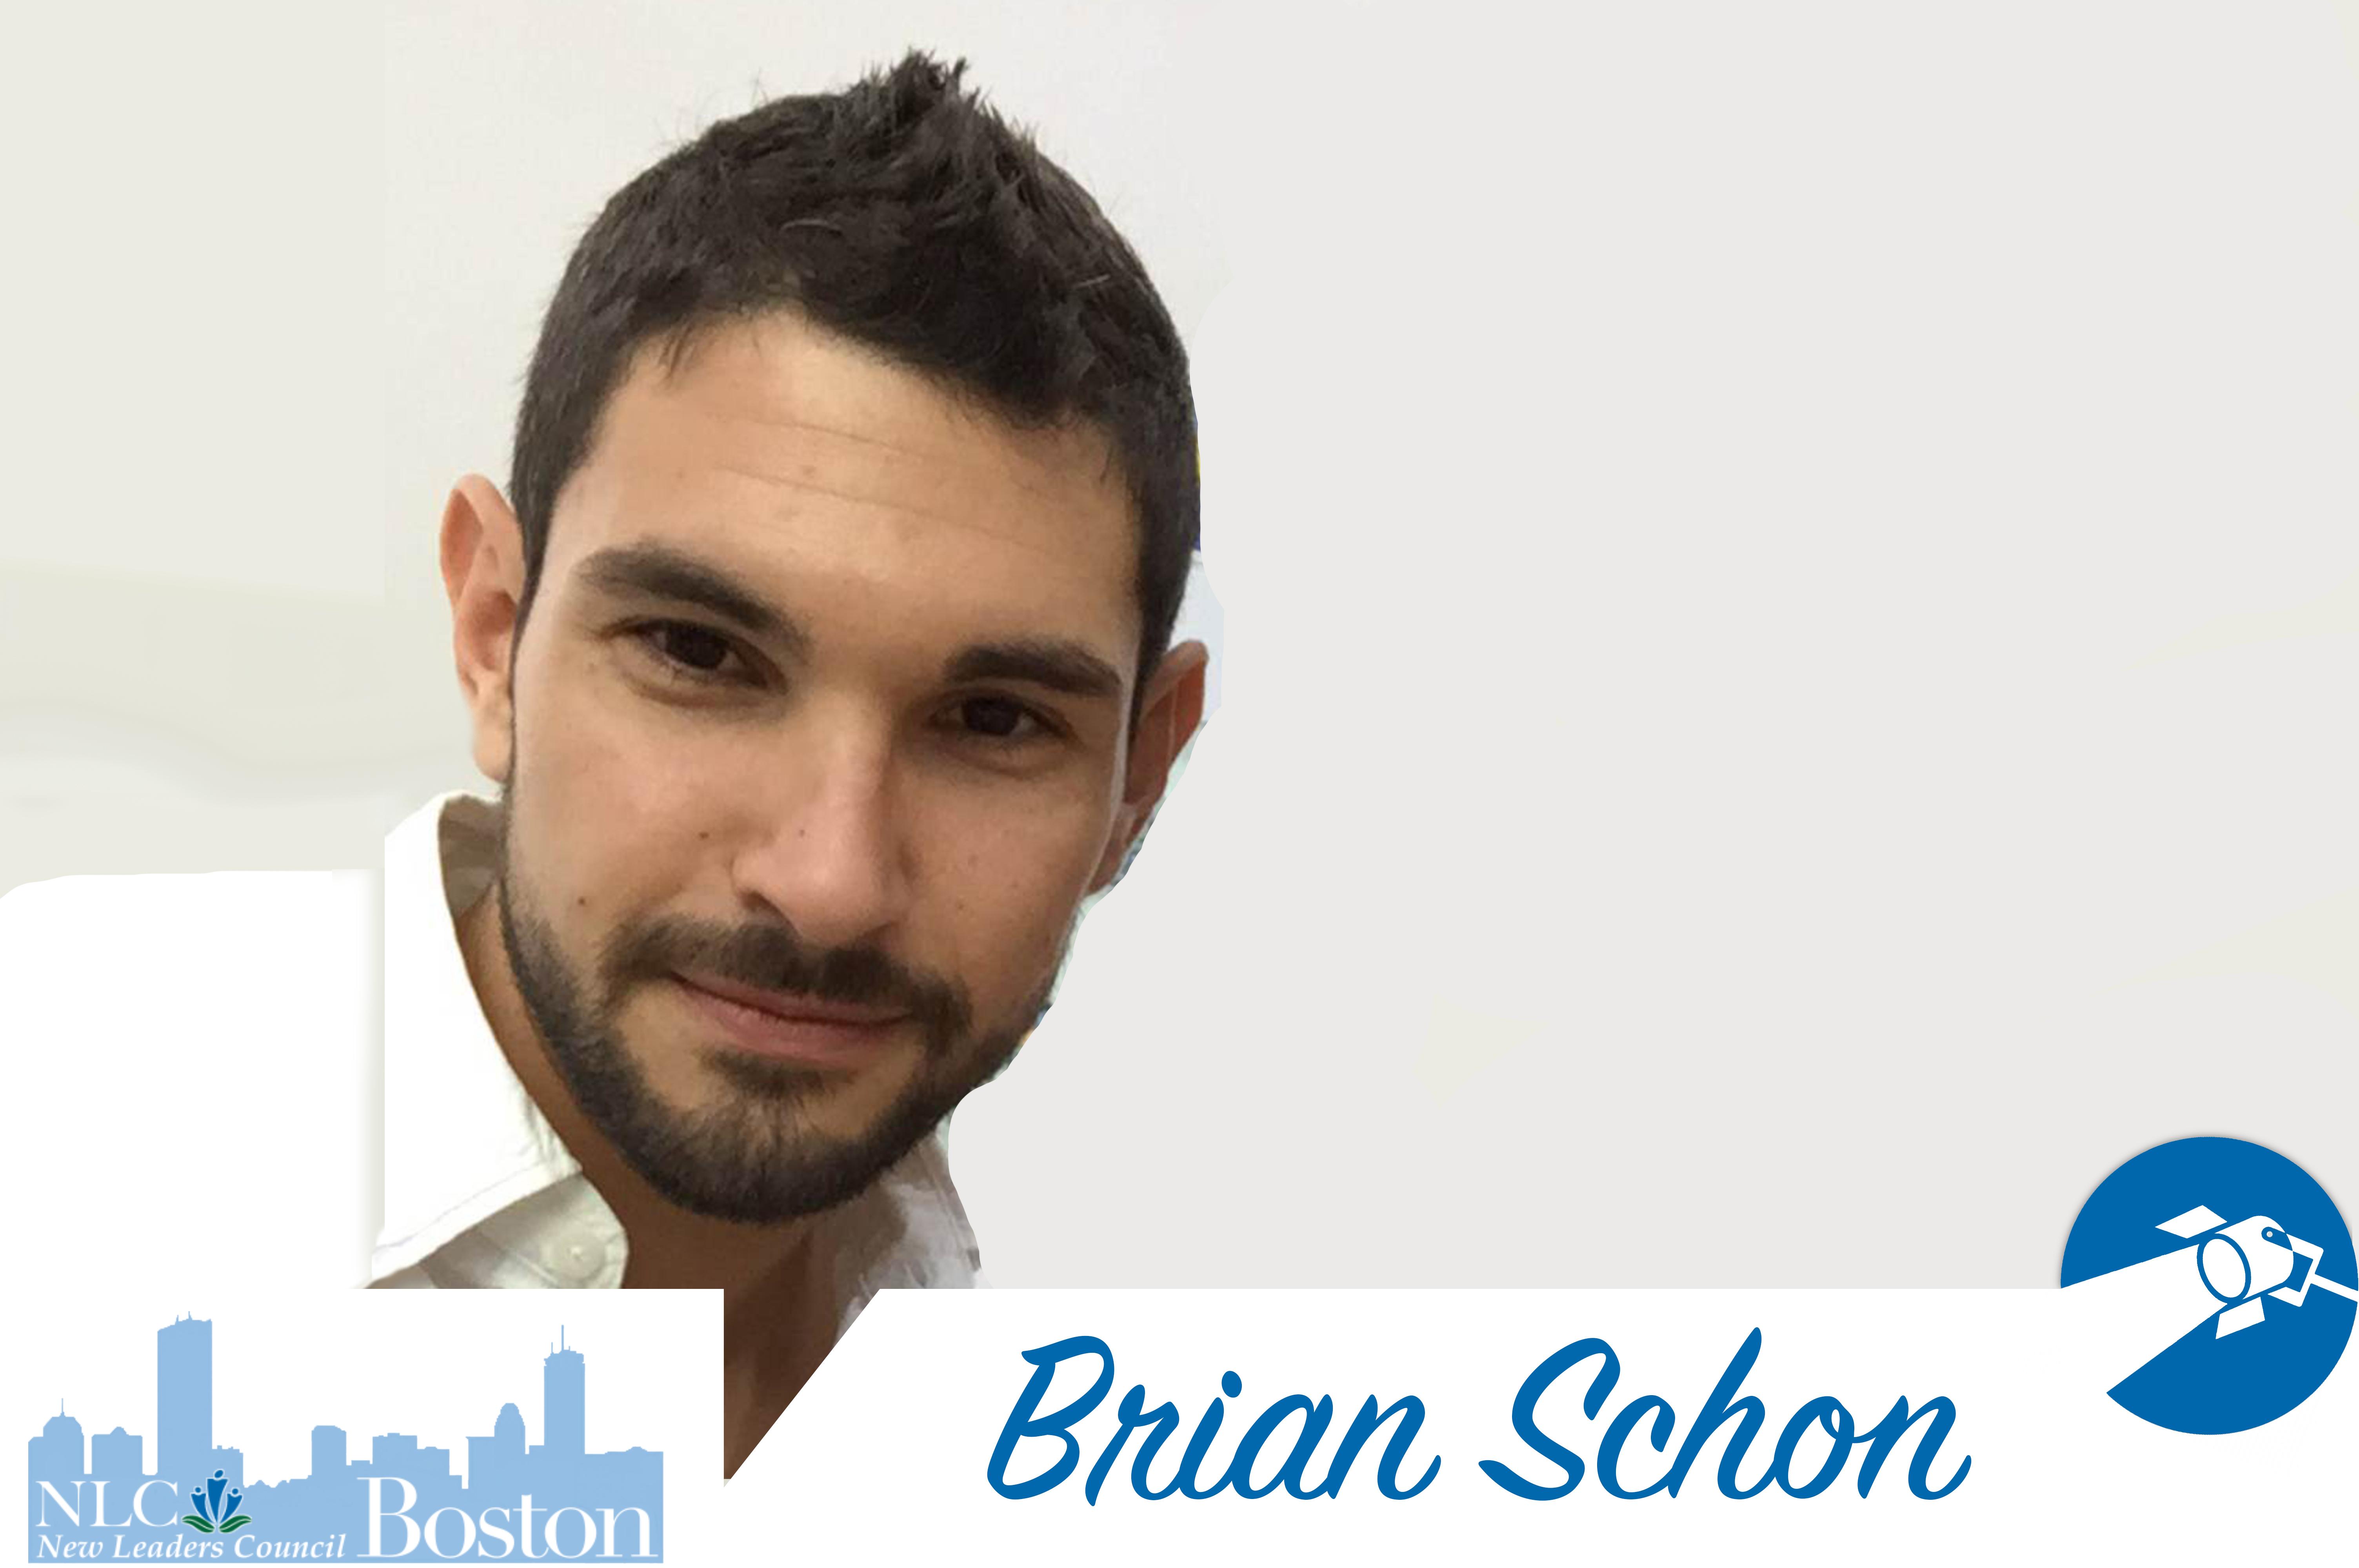 Alumni_Spotlight_-_Brian_Schon.jpg